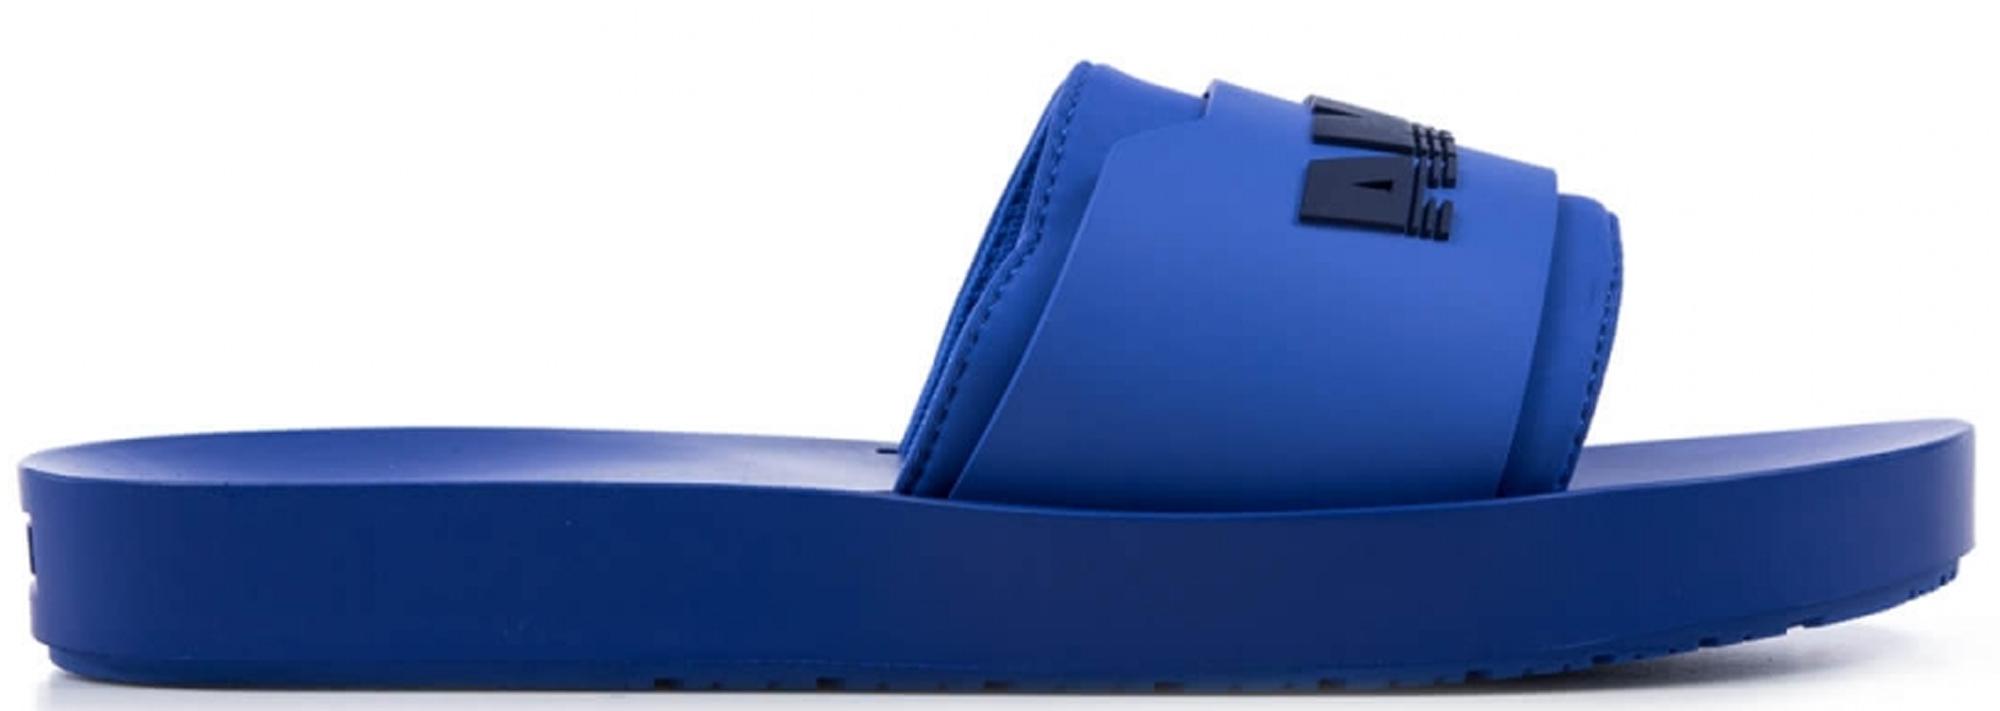 Puma Surf Slide Rihanna Fenty Dazzling Blue (W)